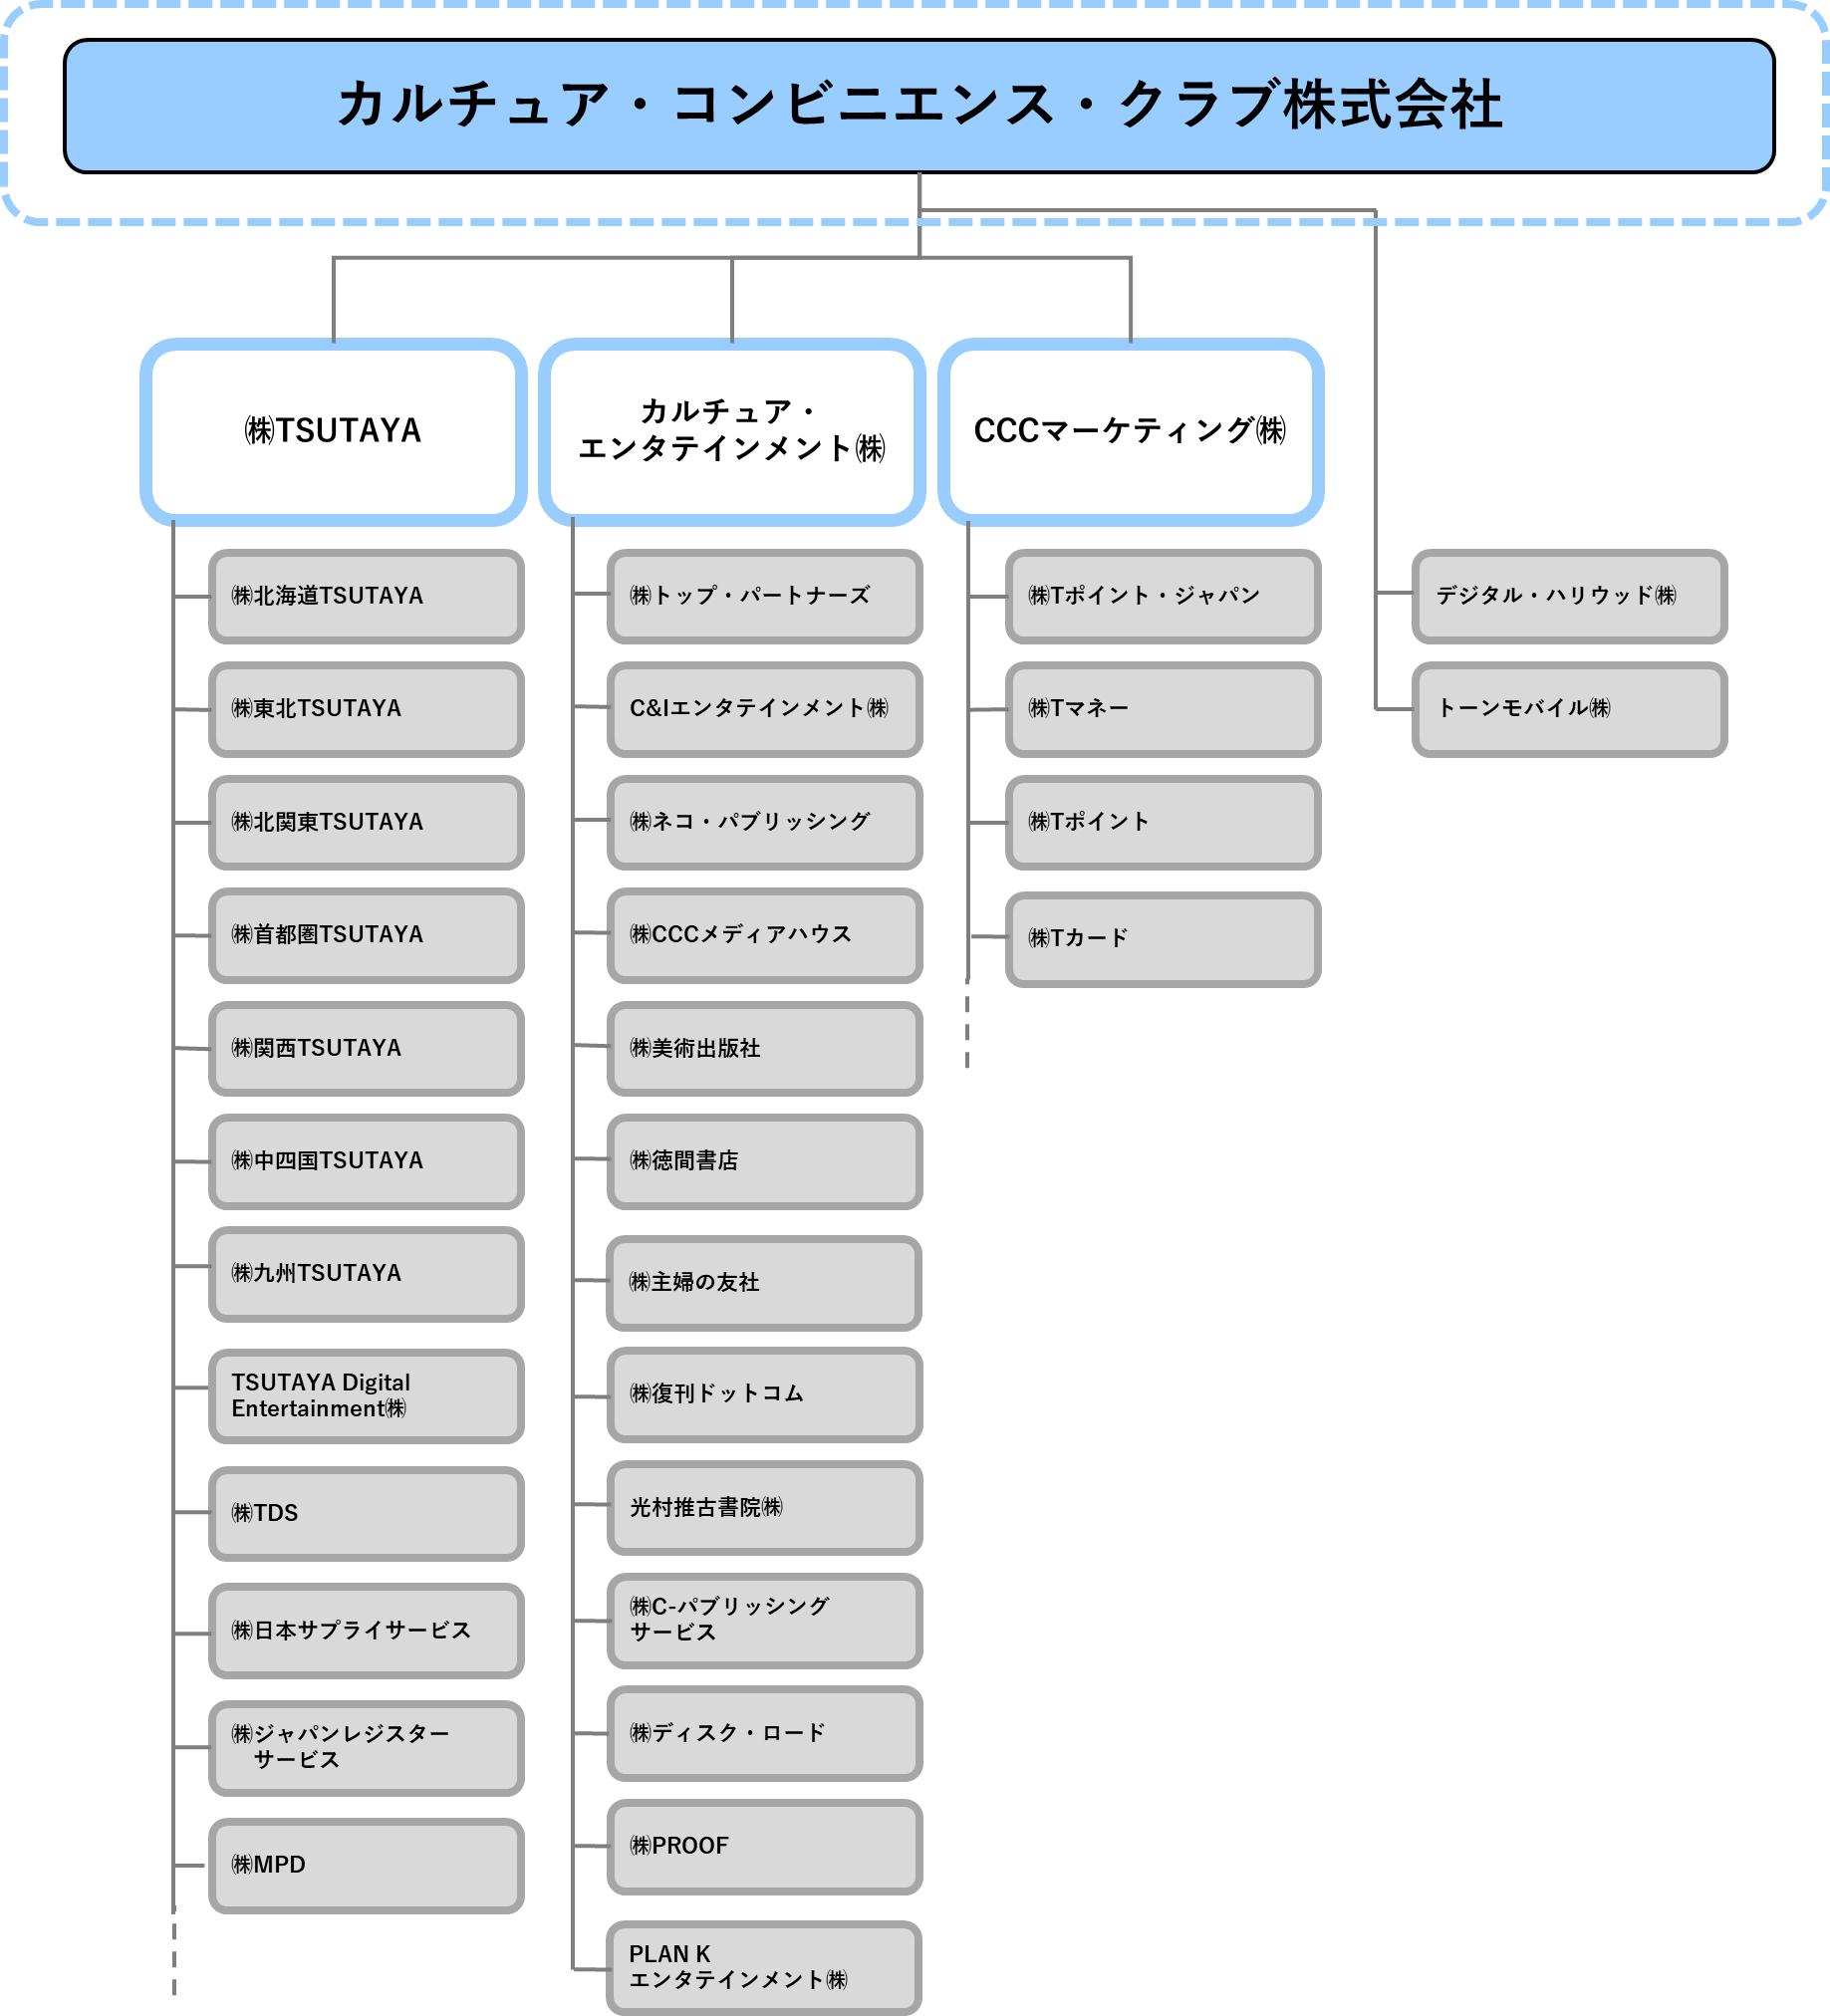 https://www.ccc.co.jp/news/img/2018_4_soshiki.jpg